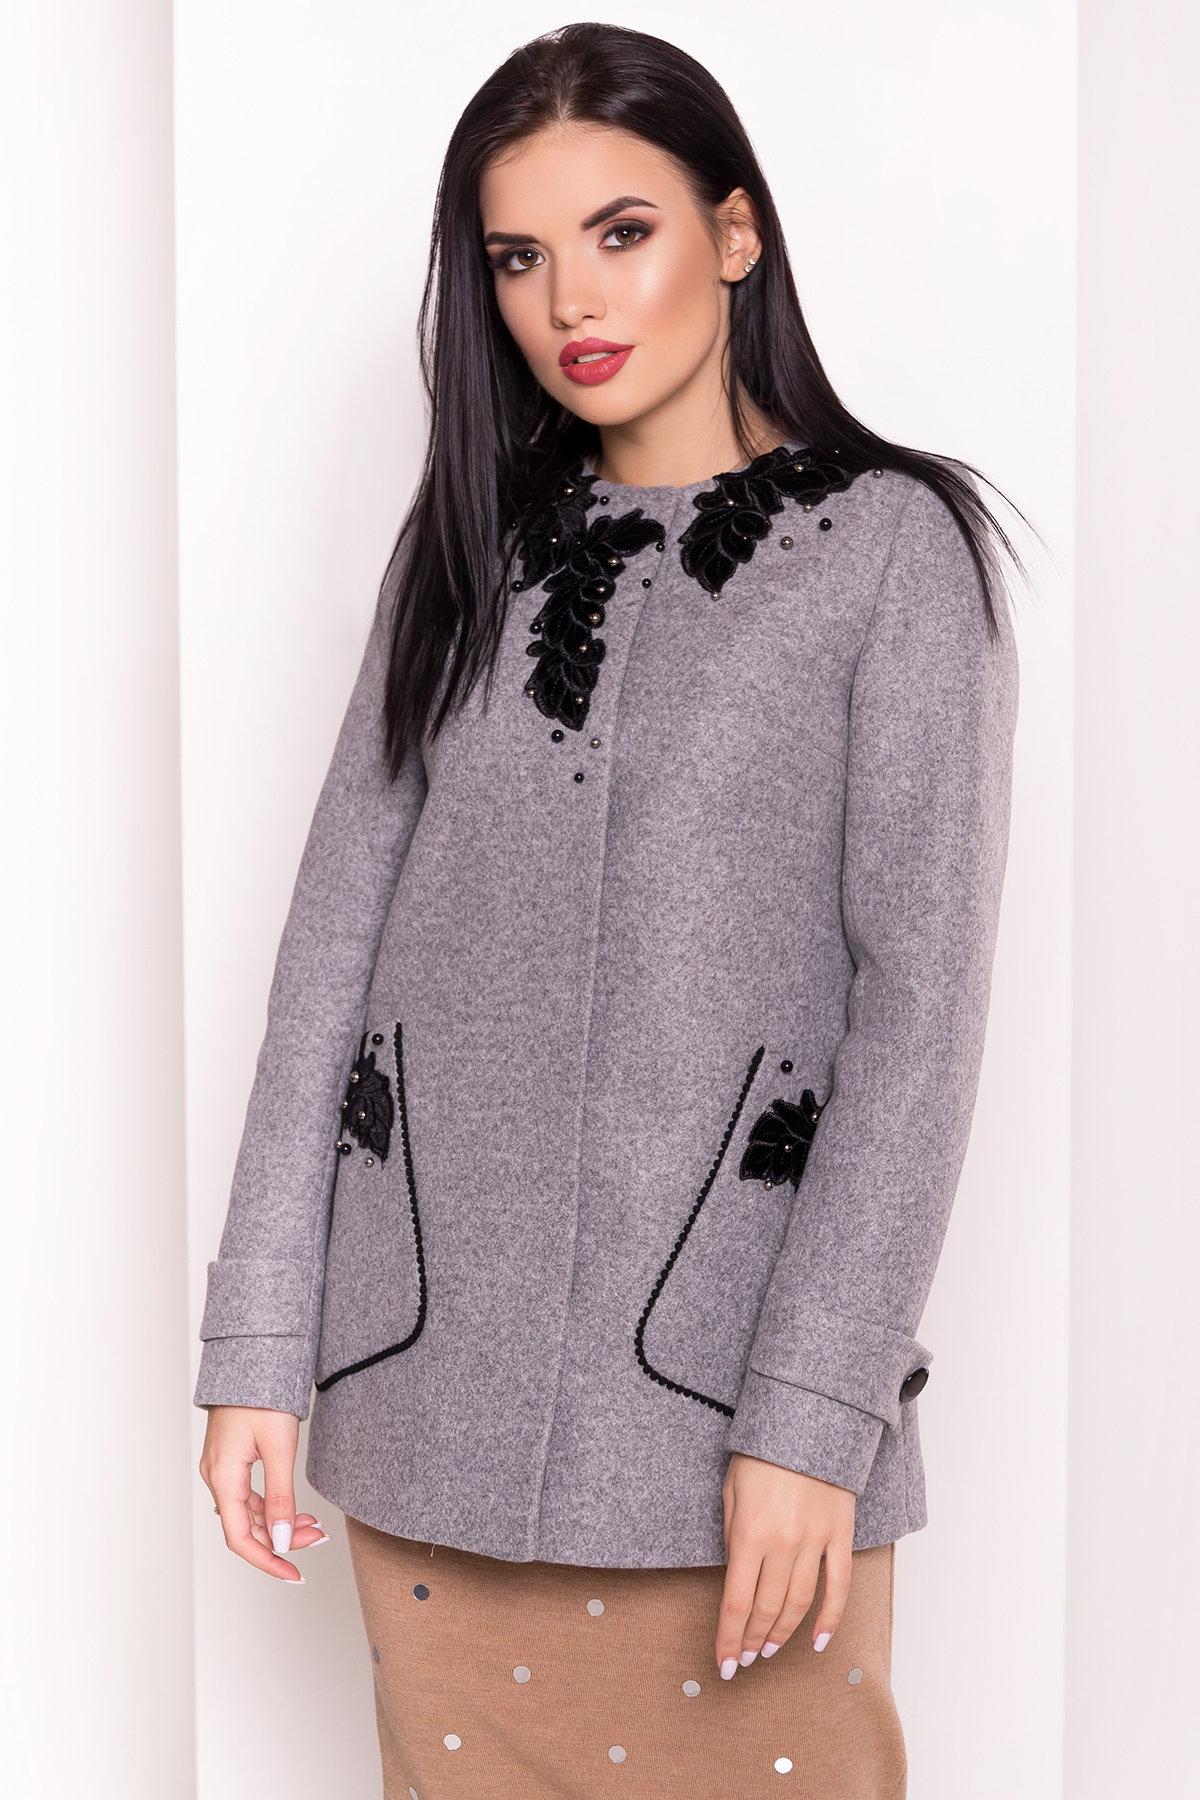 Укороченное пальто-трапеция с вышивкой Латта 5526 АРТ. 37158 Цвет: Серый Светлый 77 - фото 3, интернет магазин tm-modus.ru